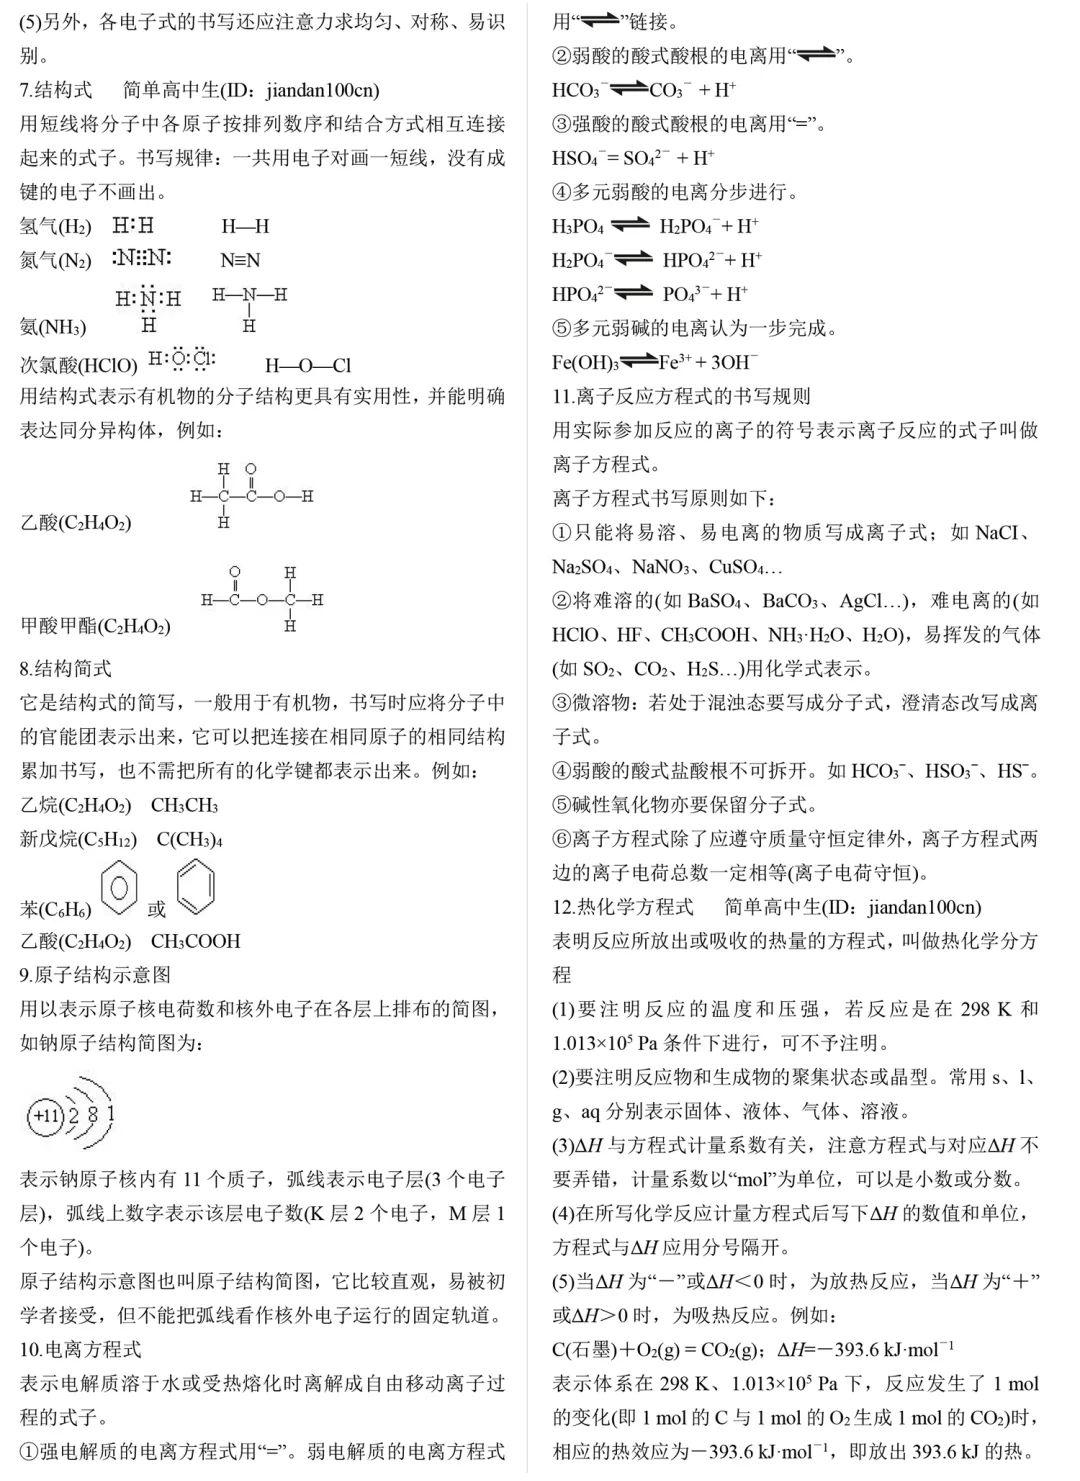 高中化学知识清单合集整理